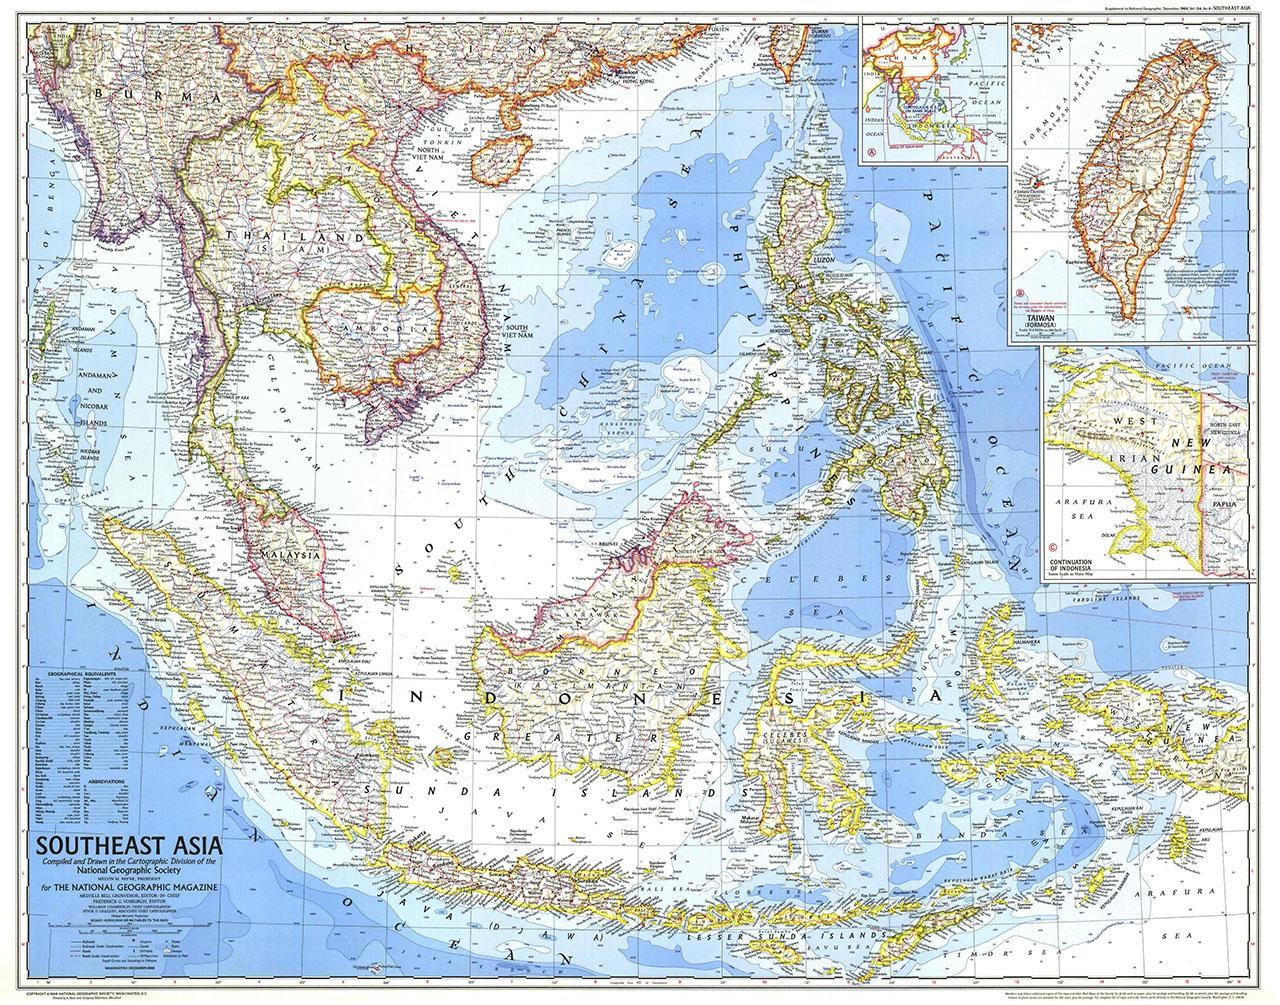 Постер на подрамнике Карта Юго-Восточной Азии